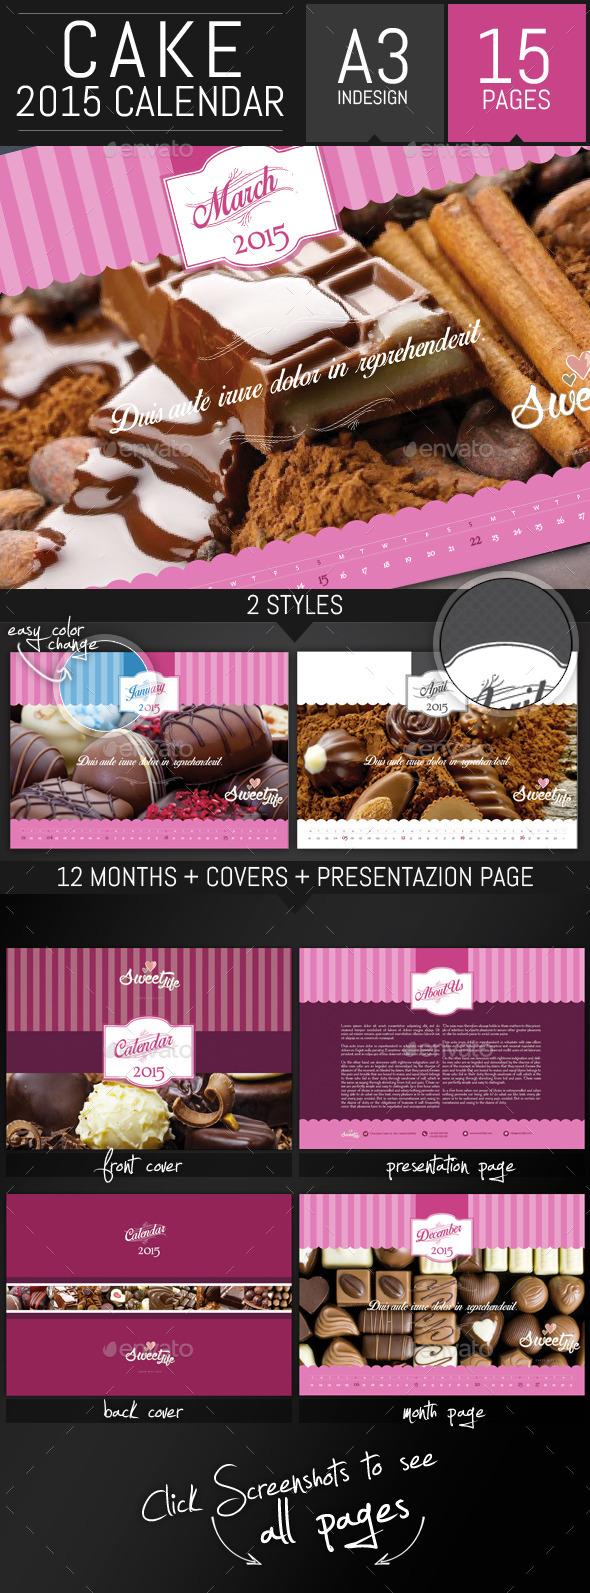 GraphicRiver Vintage Cake 2015 Horizontal Calendar Template 9009276